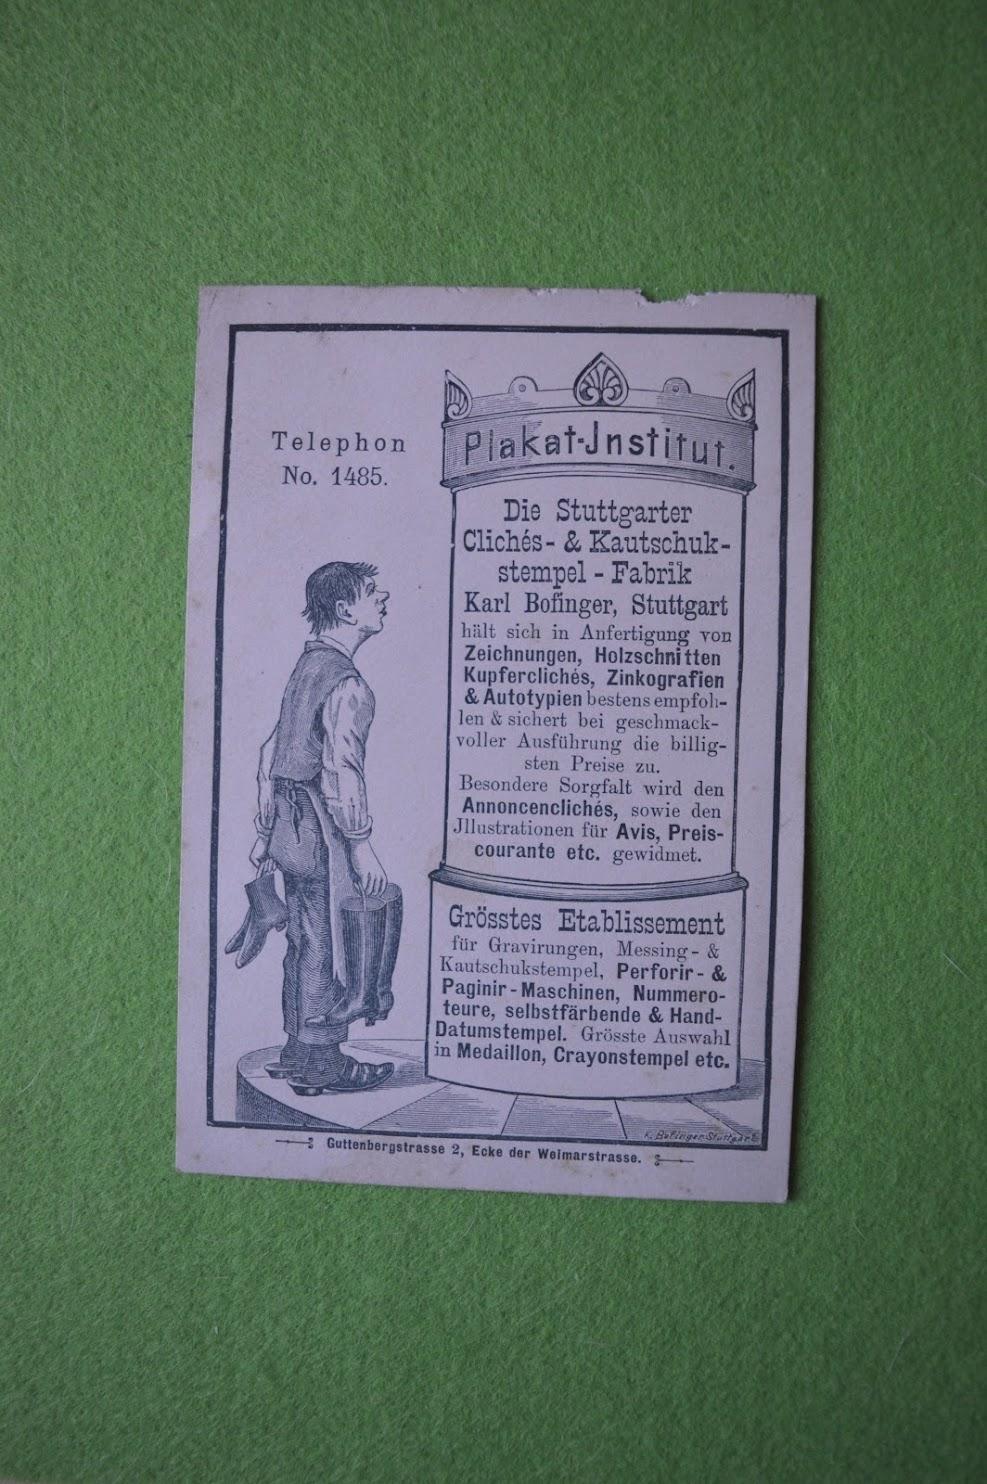 Werbung für ein Plakat-Institut